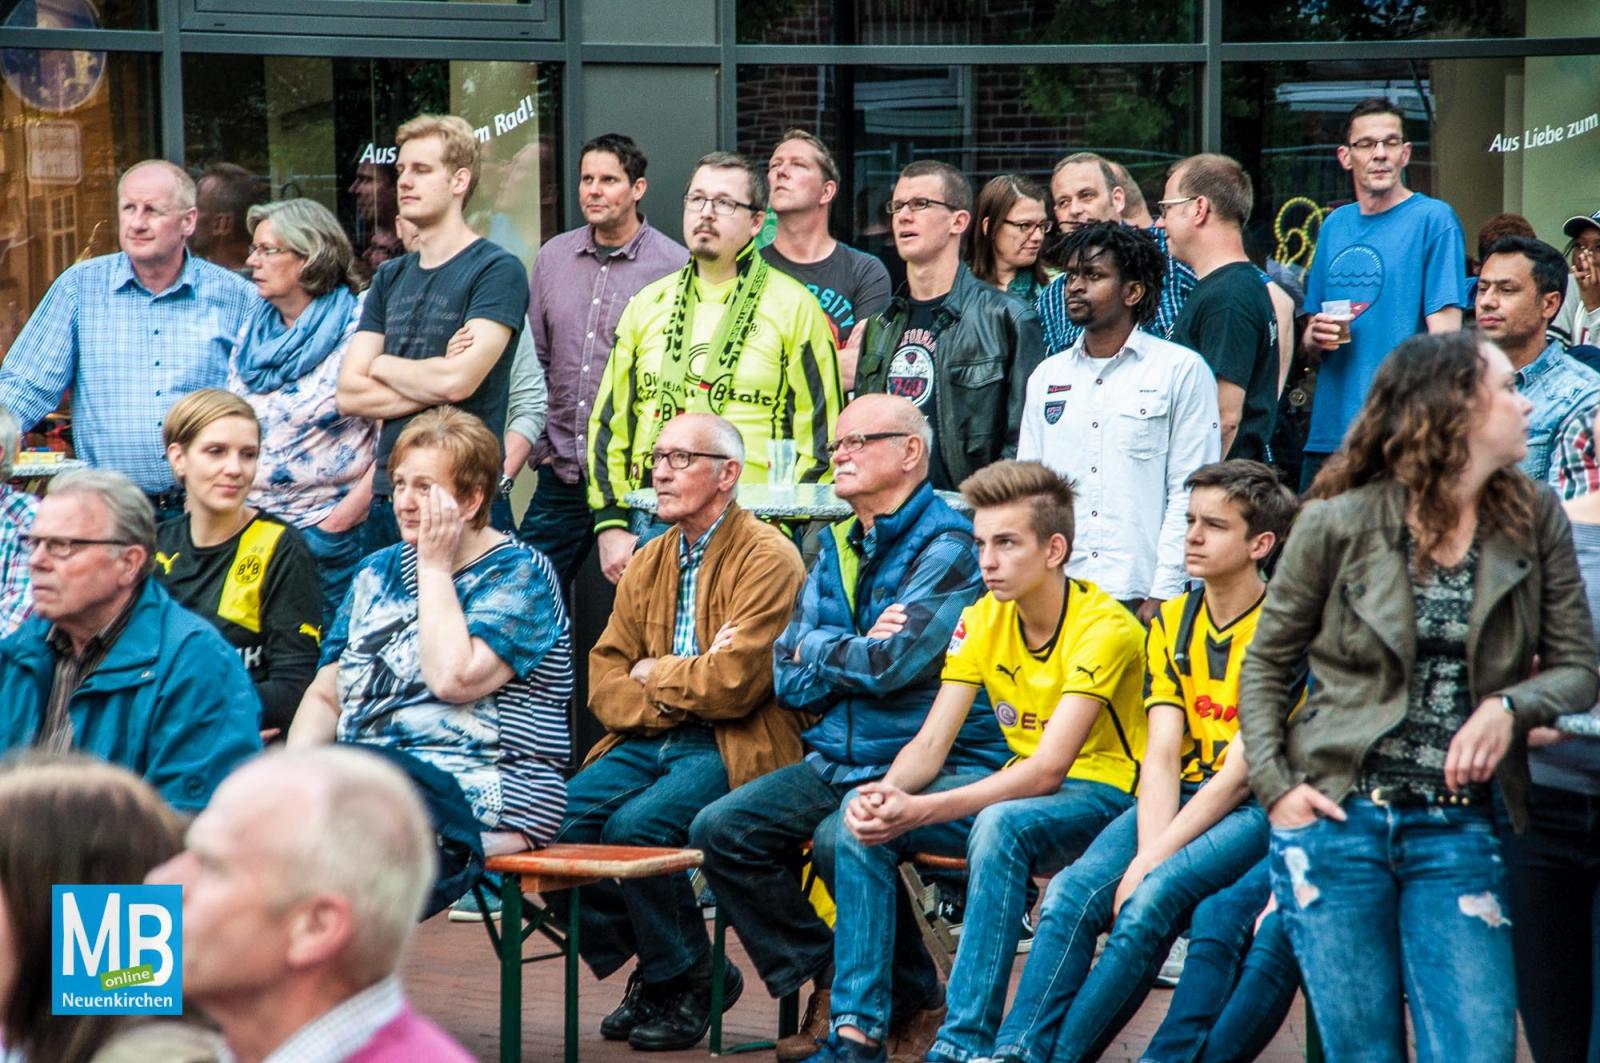 Nur etwa 150 Fußballfans verfolgten das Endspiel zwischen Borussia Dortmund und dem FC Bayern München auf dem Heyeröder Platz. | Foto: Stefan Klausing